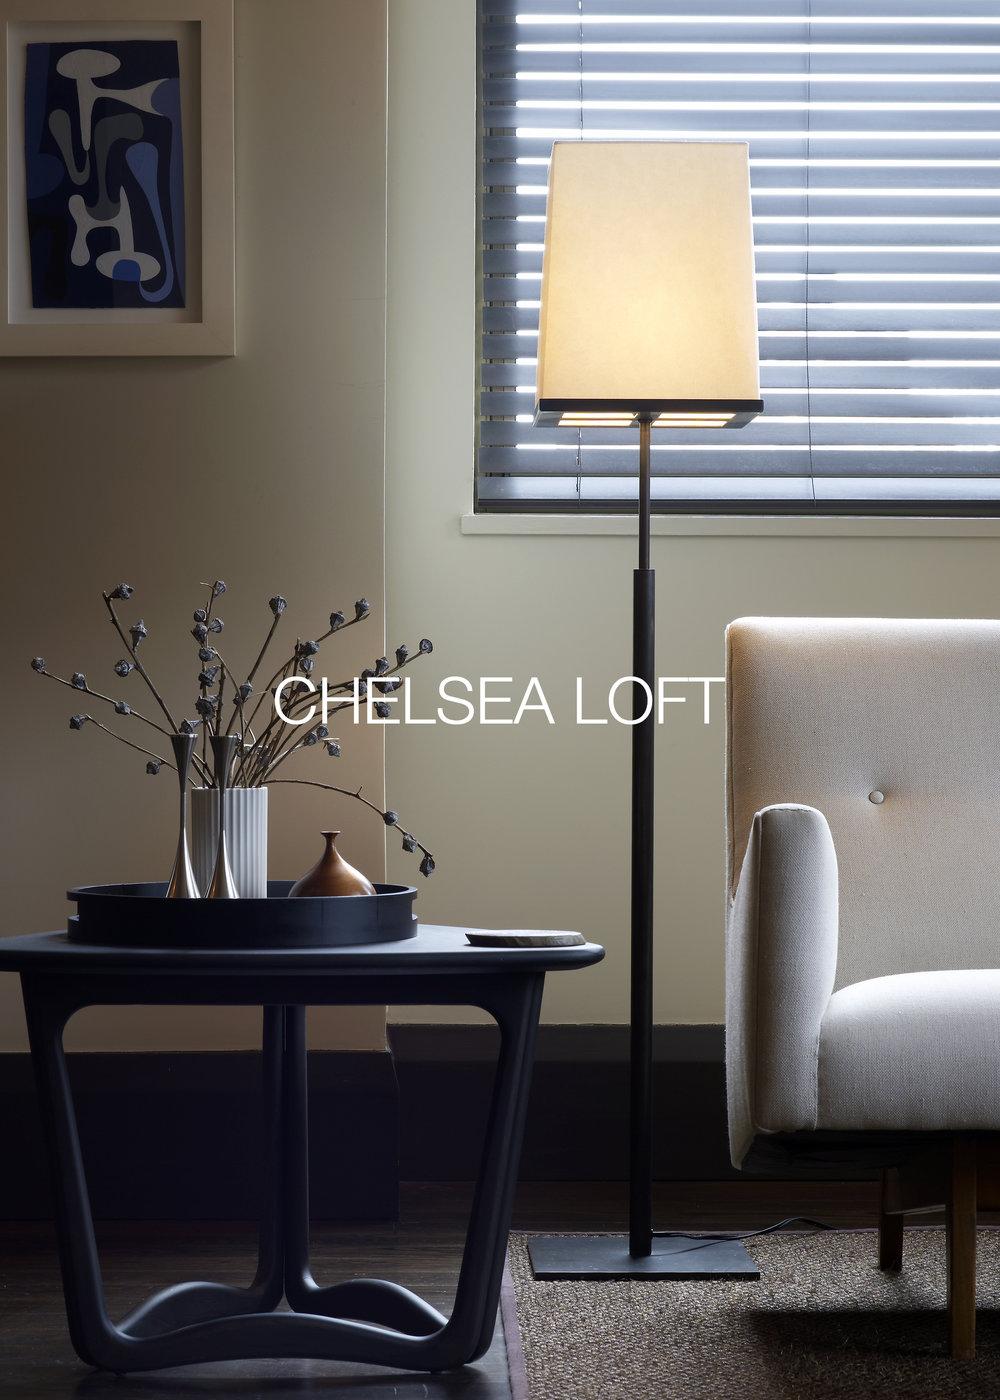 Chelsea Loft.jpg